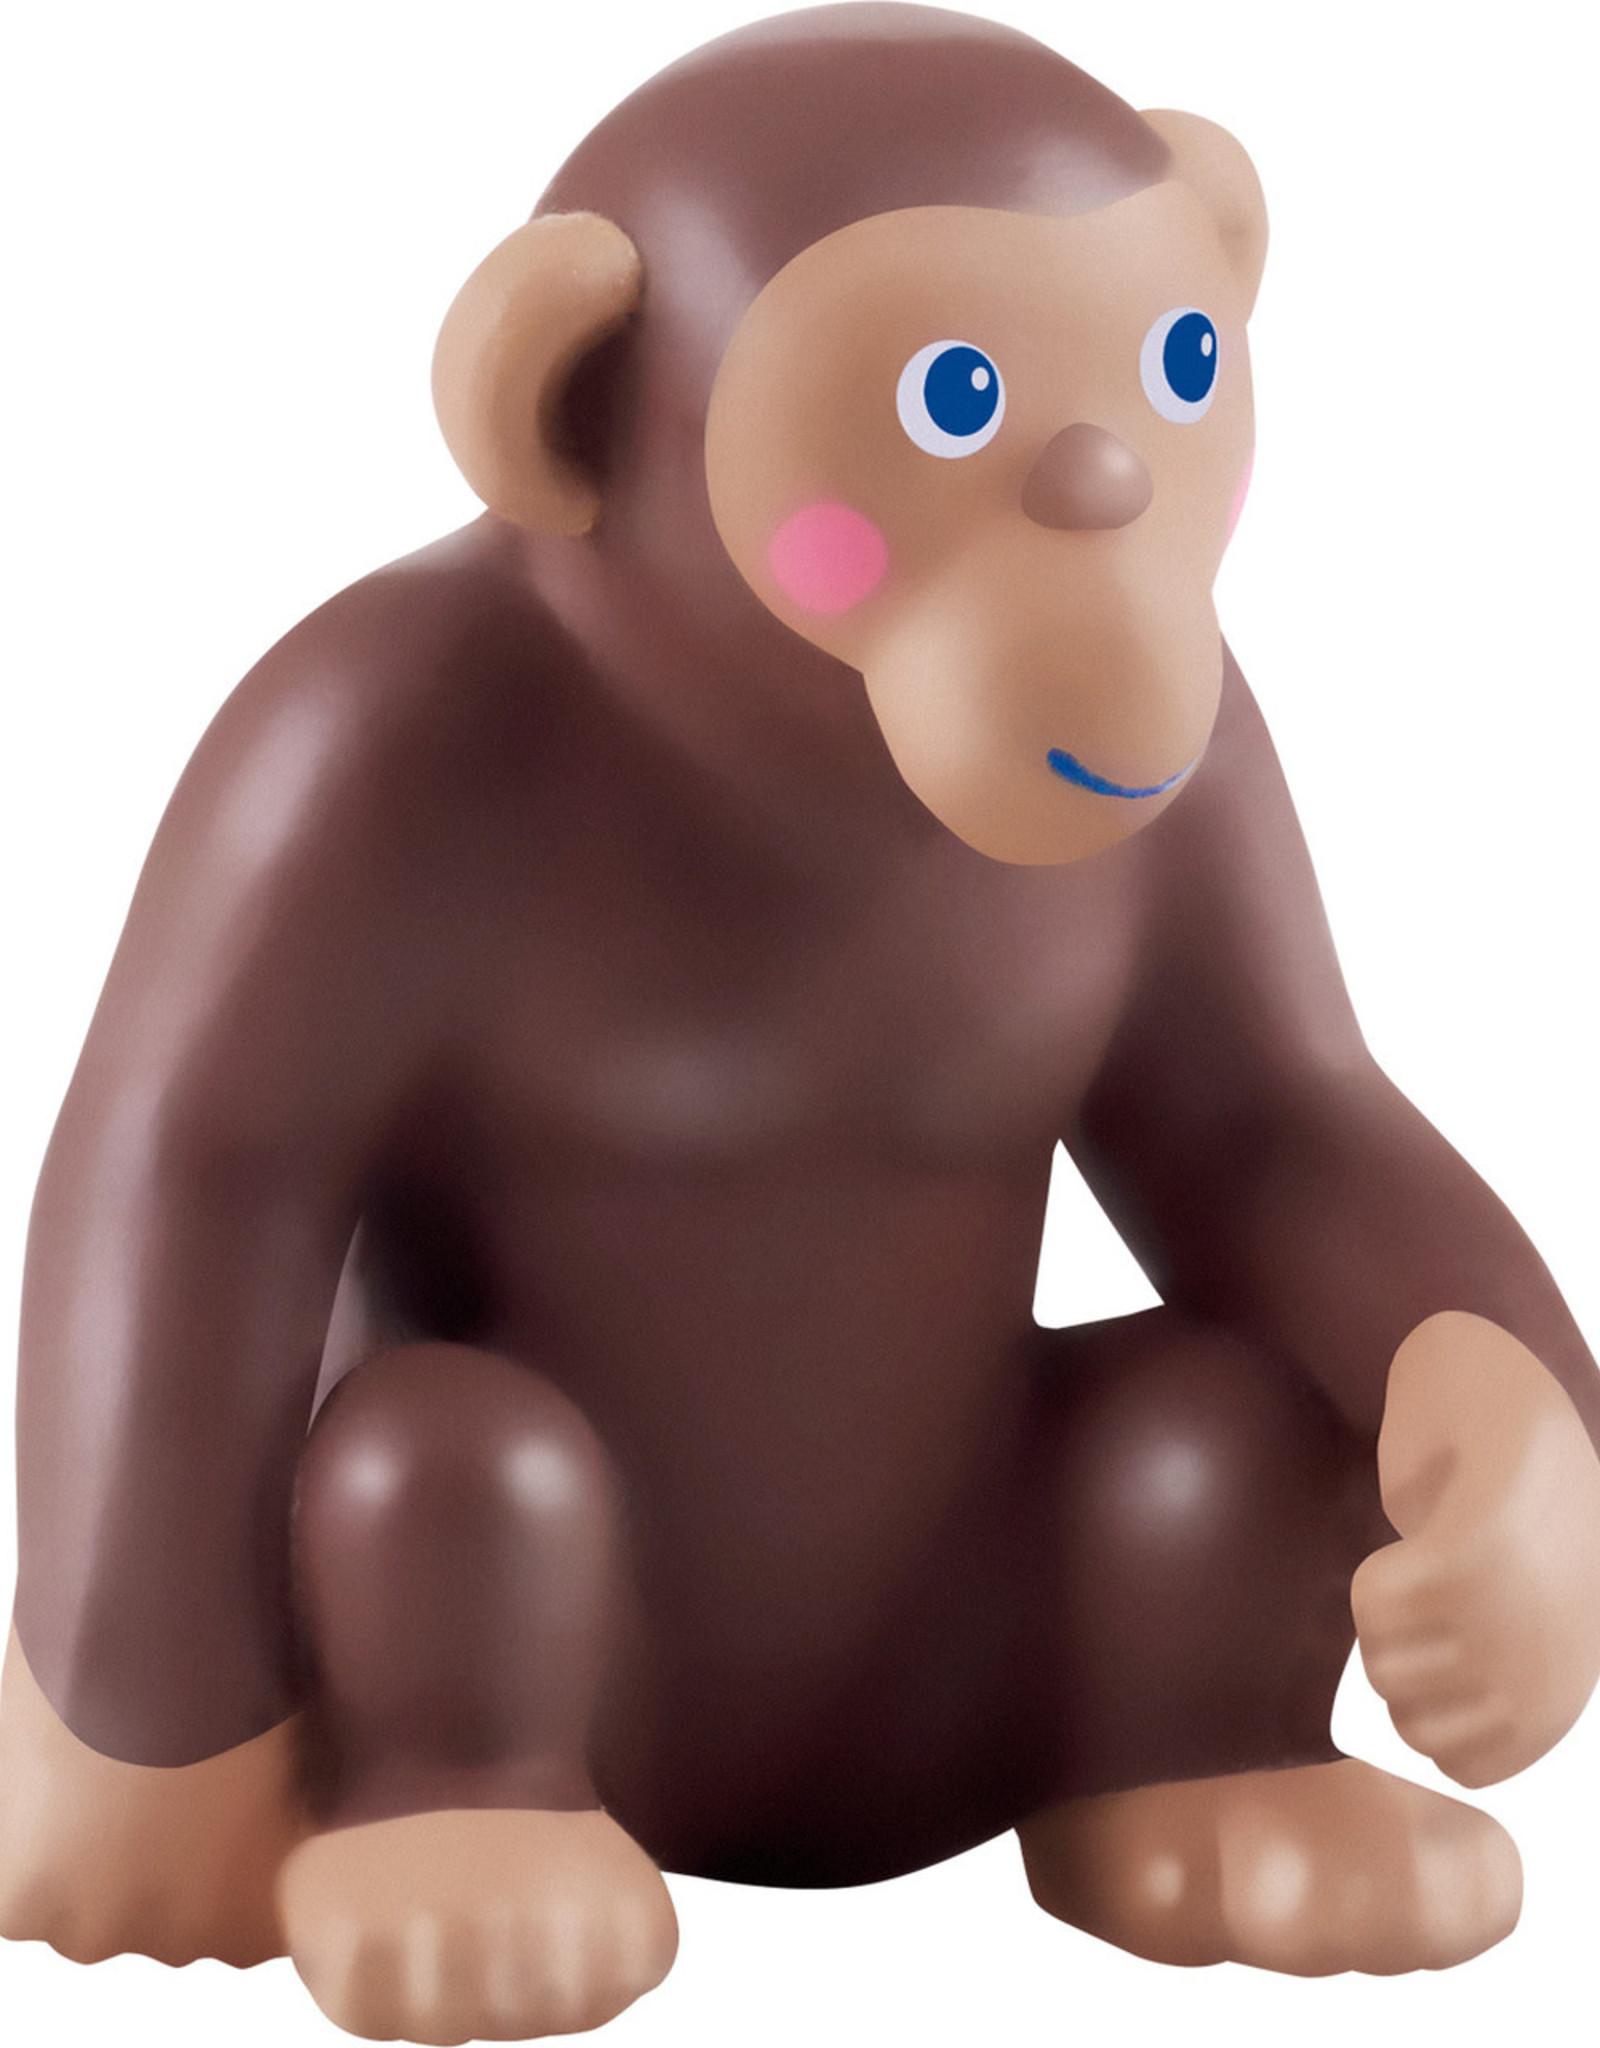 Hape Toys Little Friends Monkey